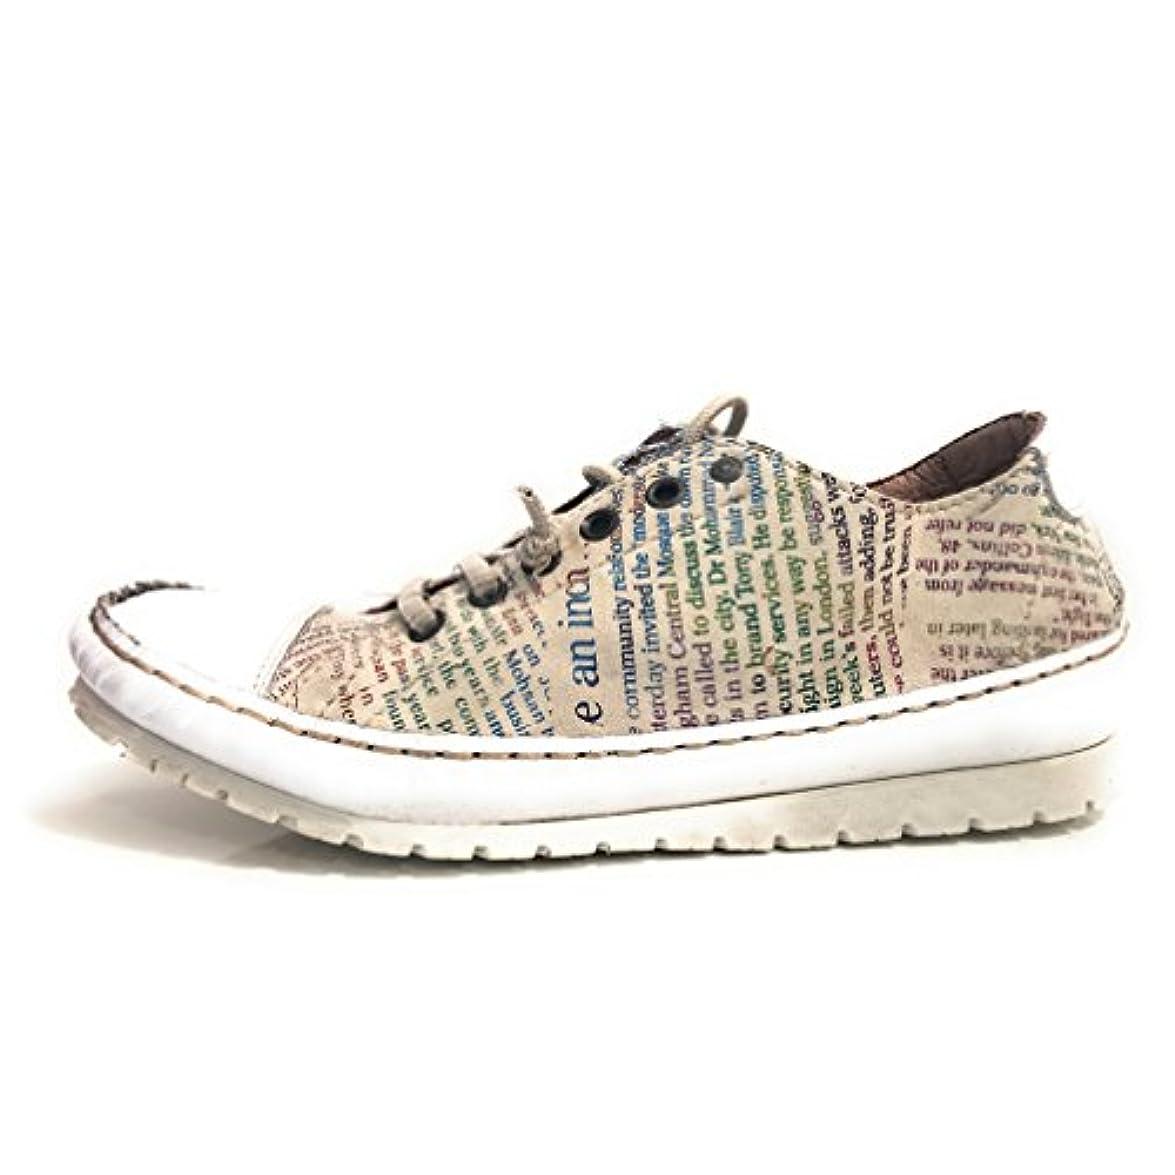 Clocharme Scarpe Donna Sneaker Basso Giornale Pelle Cucita Mano Ds15cc34